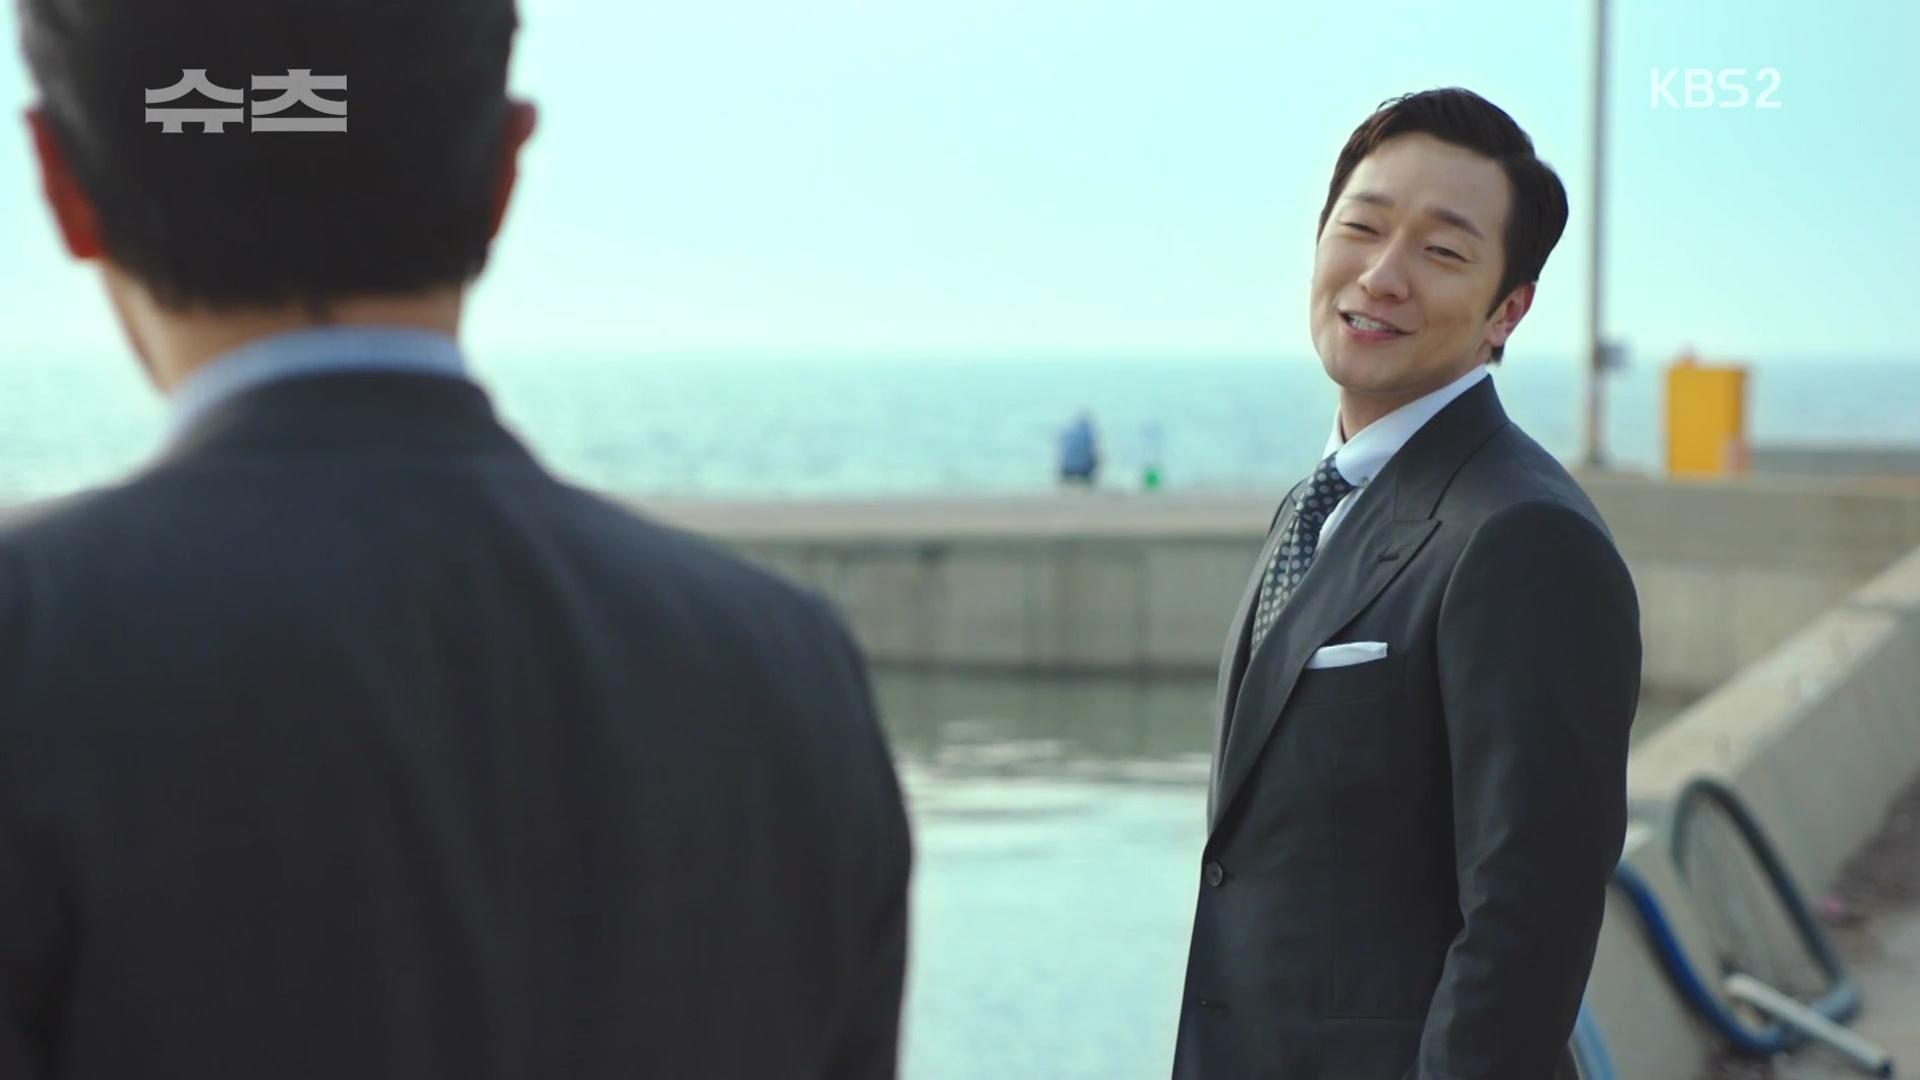 Suits: Episode 5 » Dramabeans Korean drama recaps